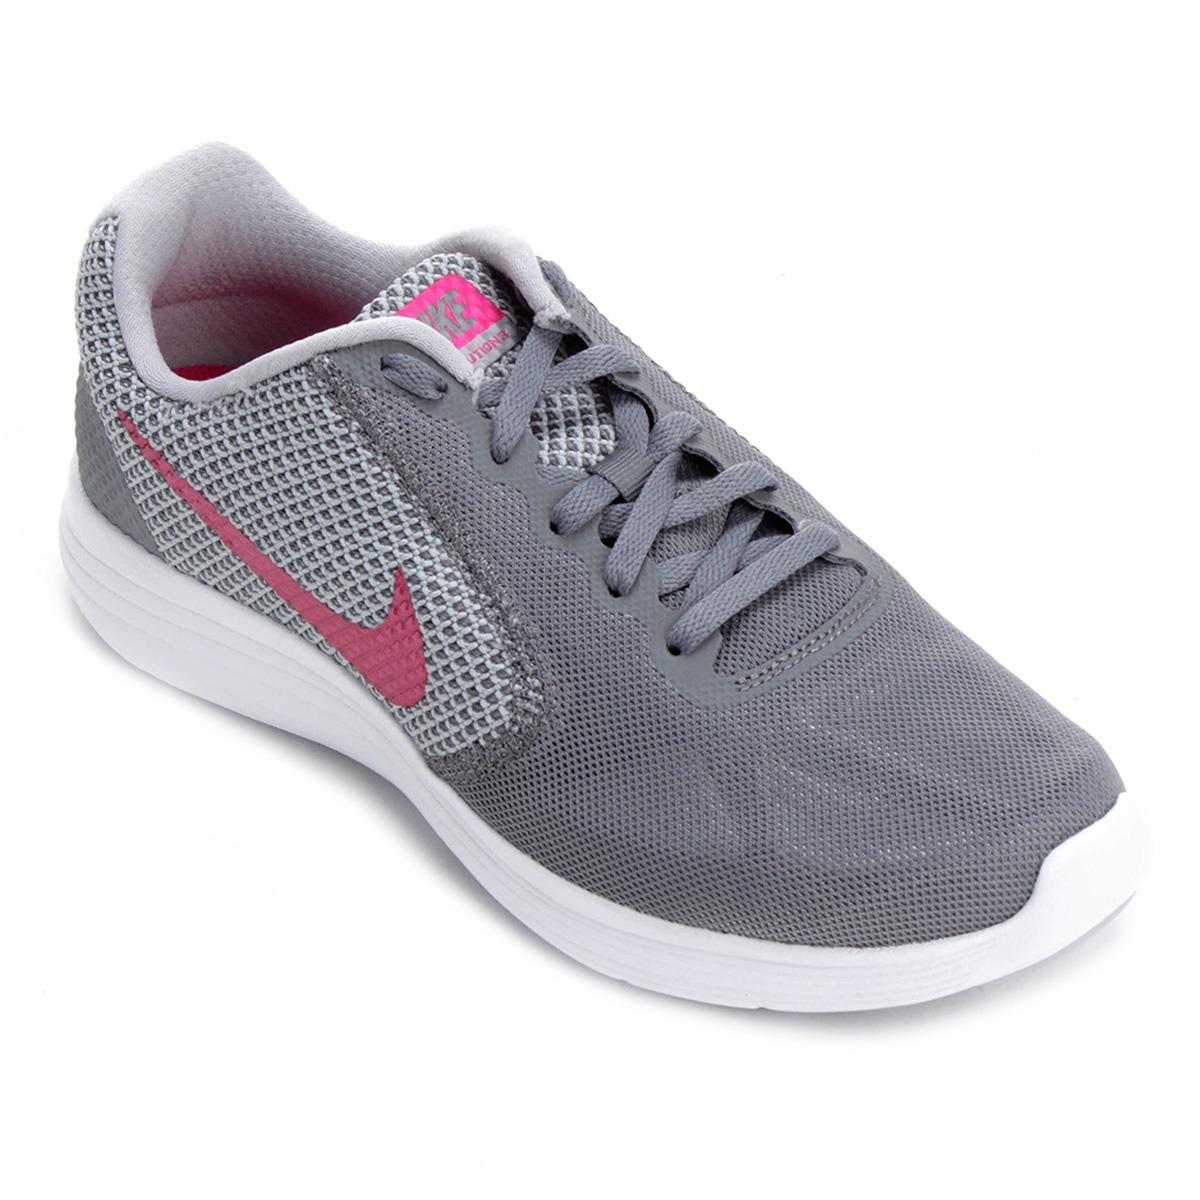 tênis nike revolution 3 feminino - rosa e cinza - original. Carregando zoom. e197941b87e3d